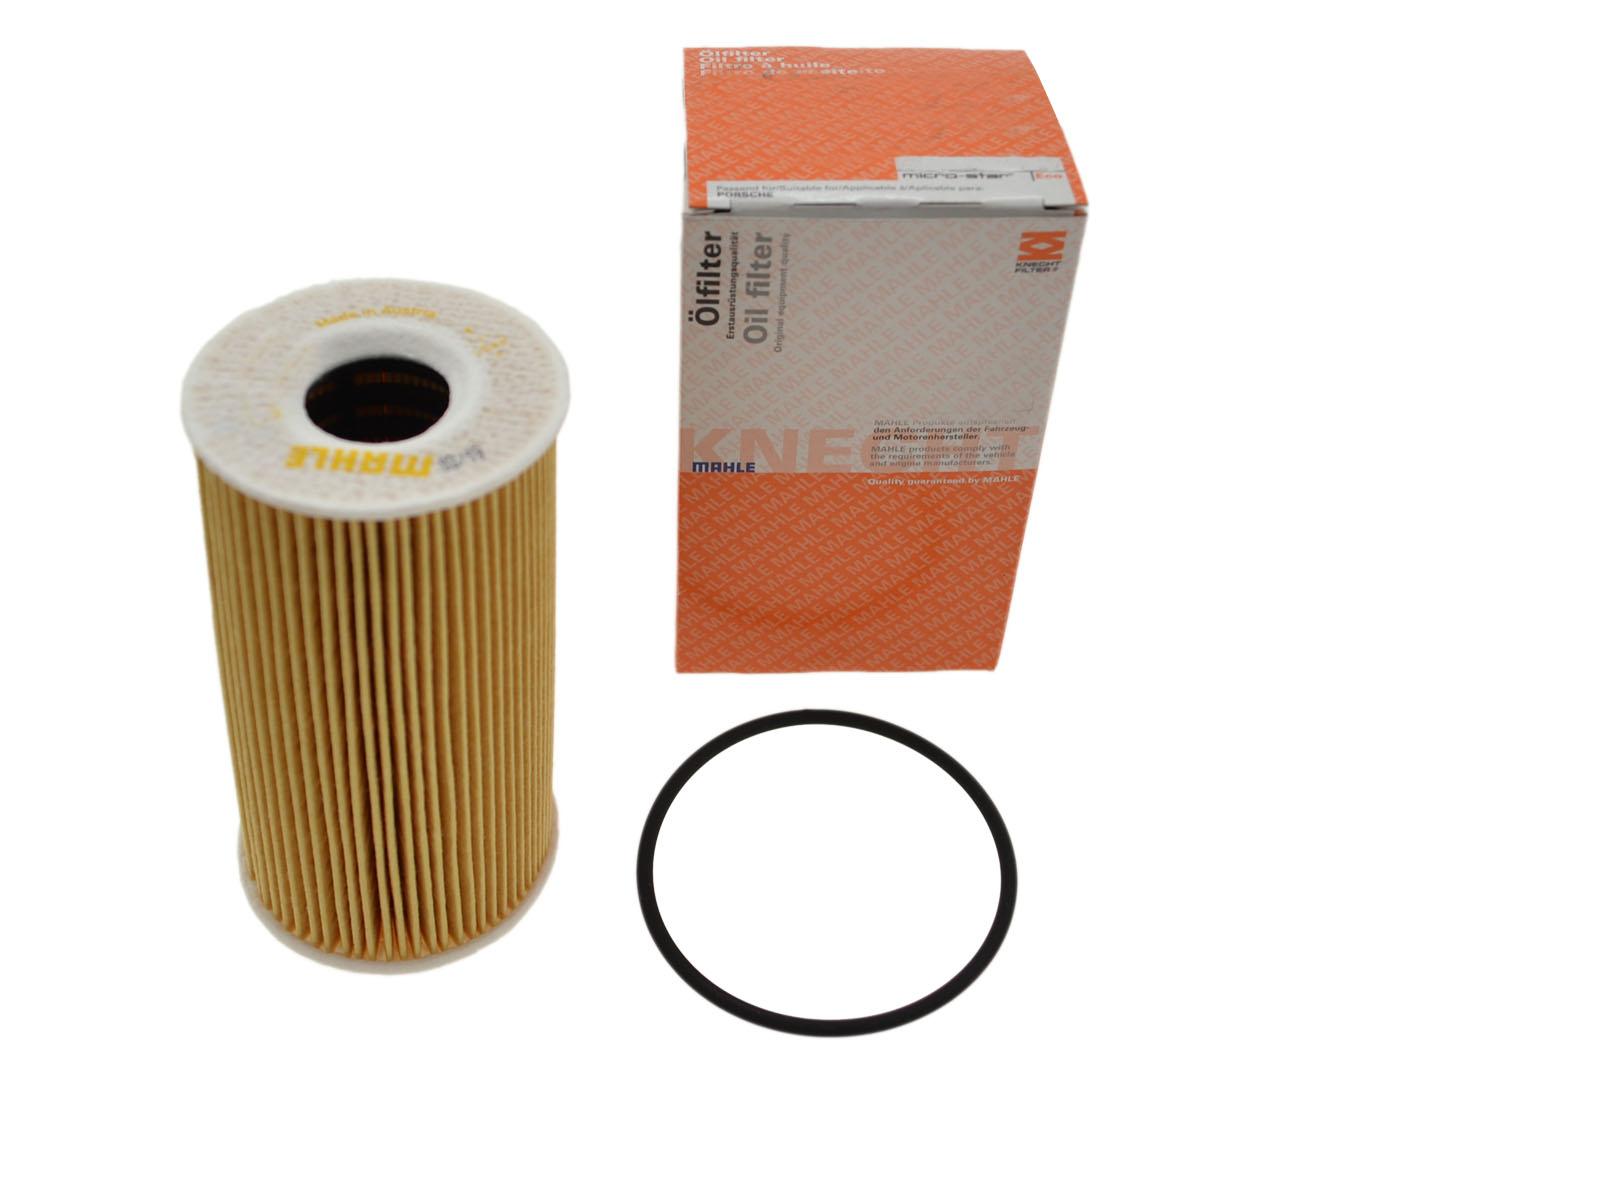 Mahle Filtereinsatz für Porsche 996/986 997/987/c Motor Ölfilter